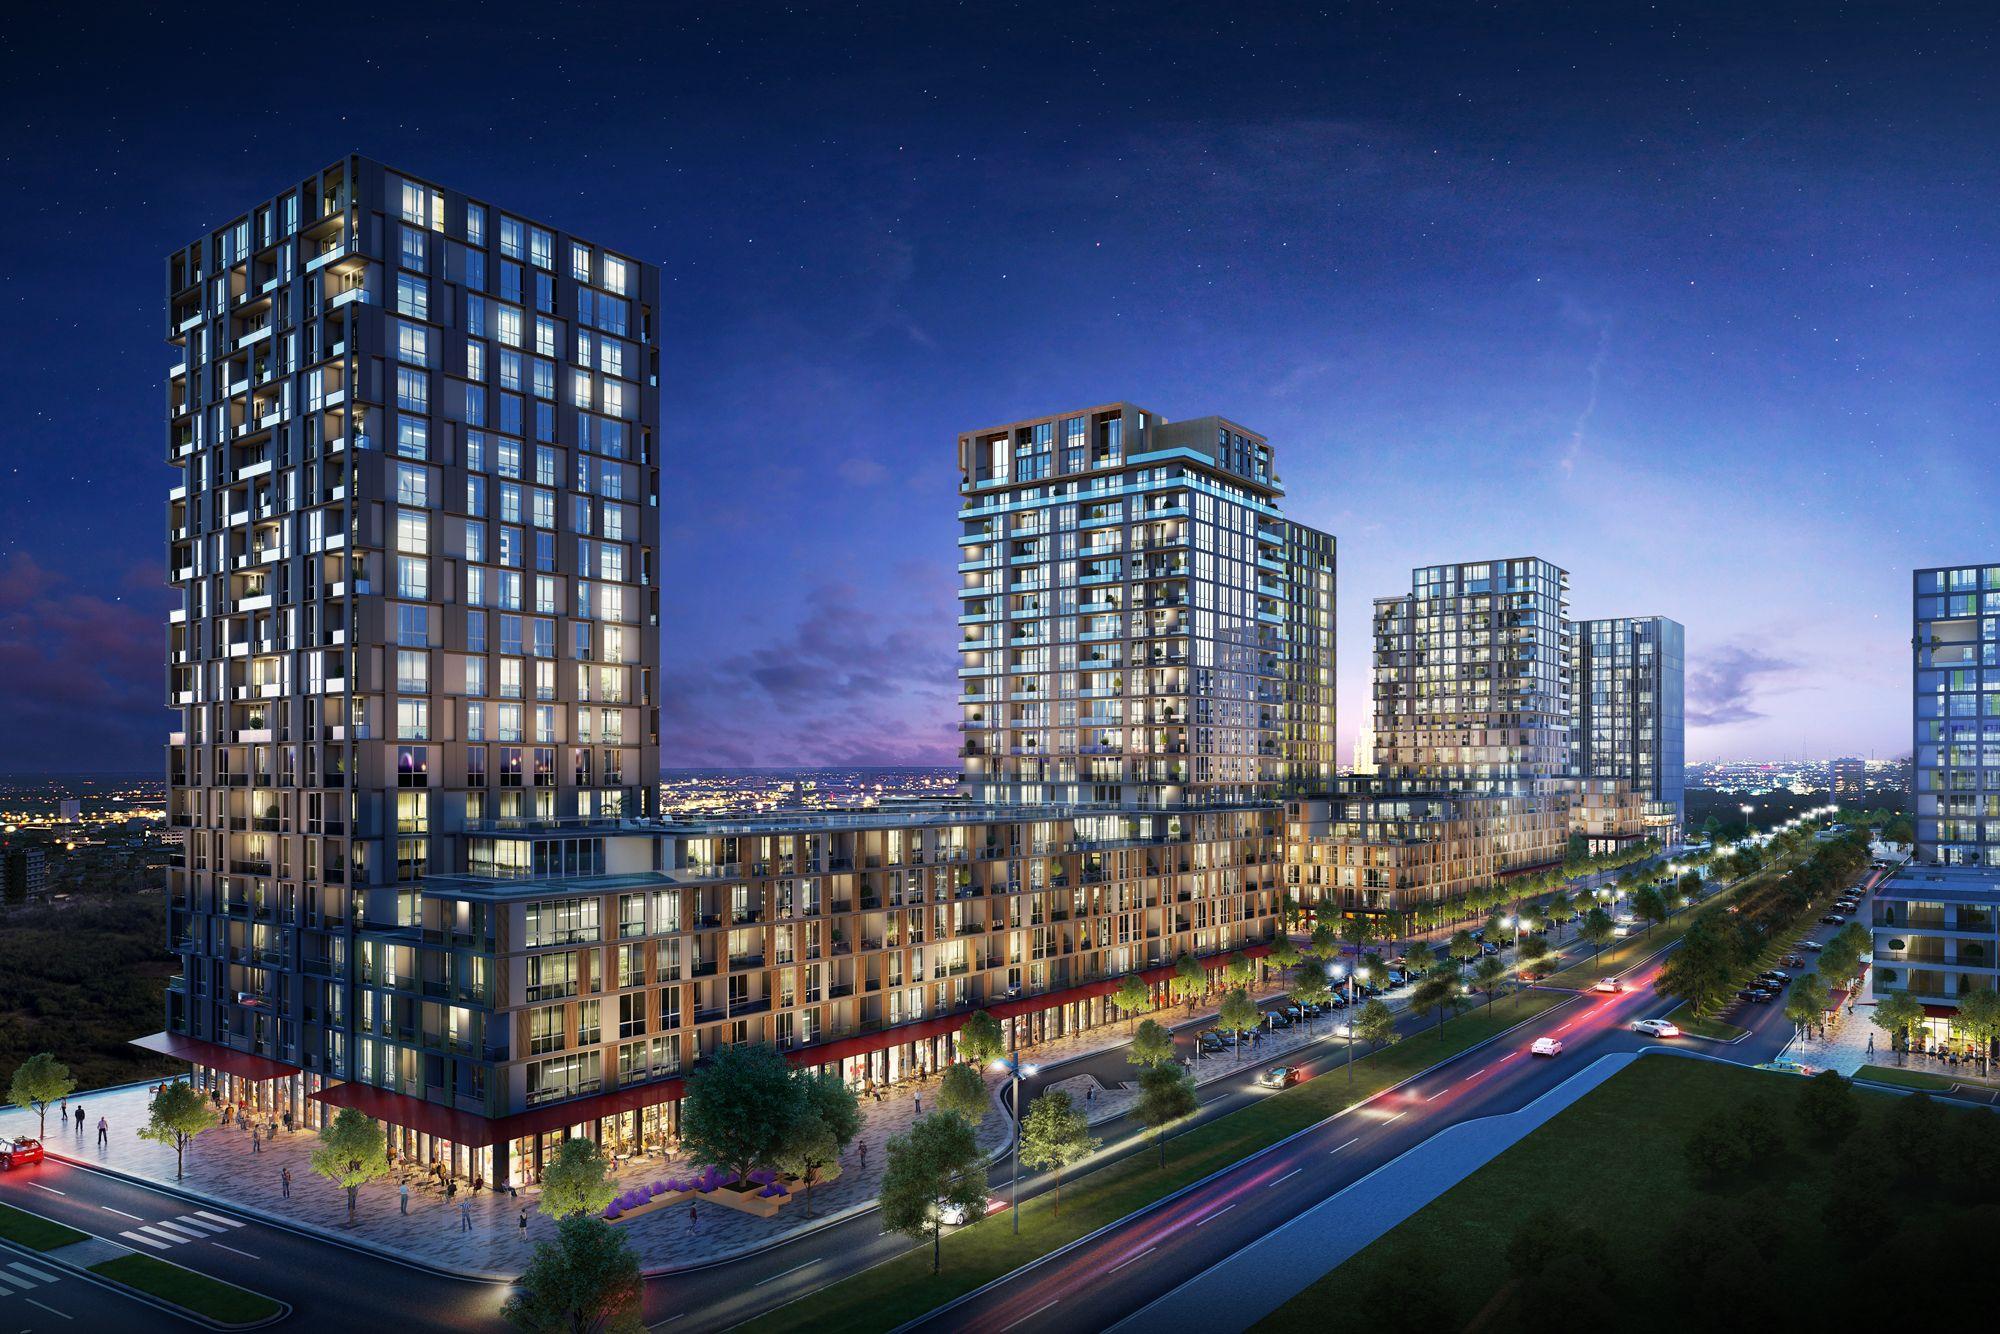 مشروع استثماري سكني في اسطنبول بهشا شهير كود المشروع (IC 57)